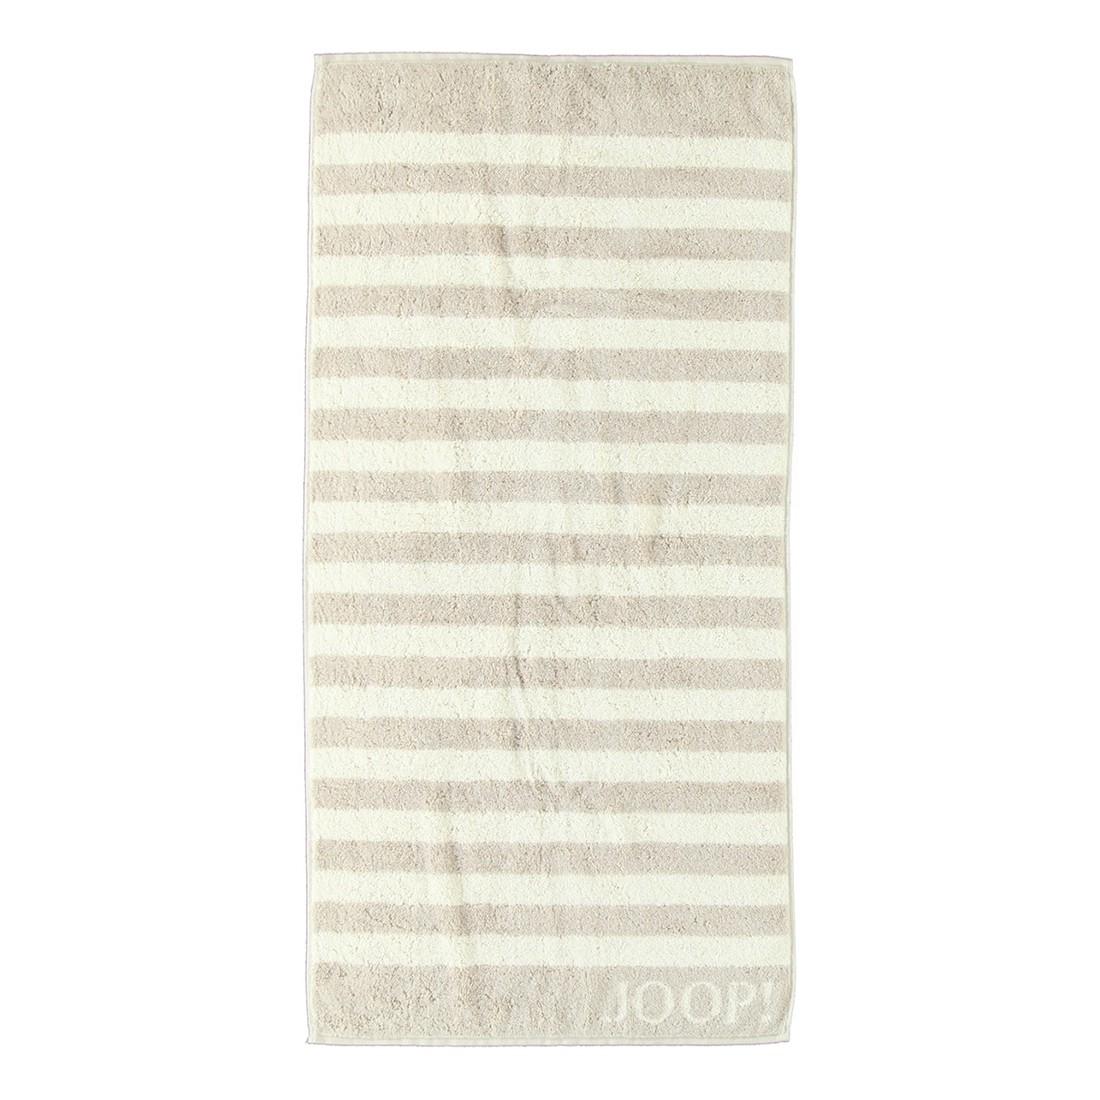 Handtuch Classic Stripes – 100% Baumwolle Sand – 30 – Saunatuch: 80 x 200 cm, Joop jetzt kaufen